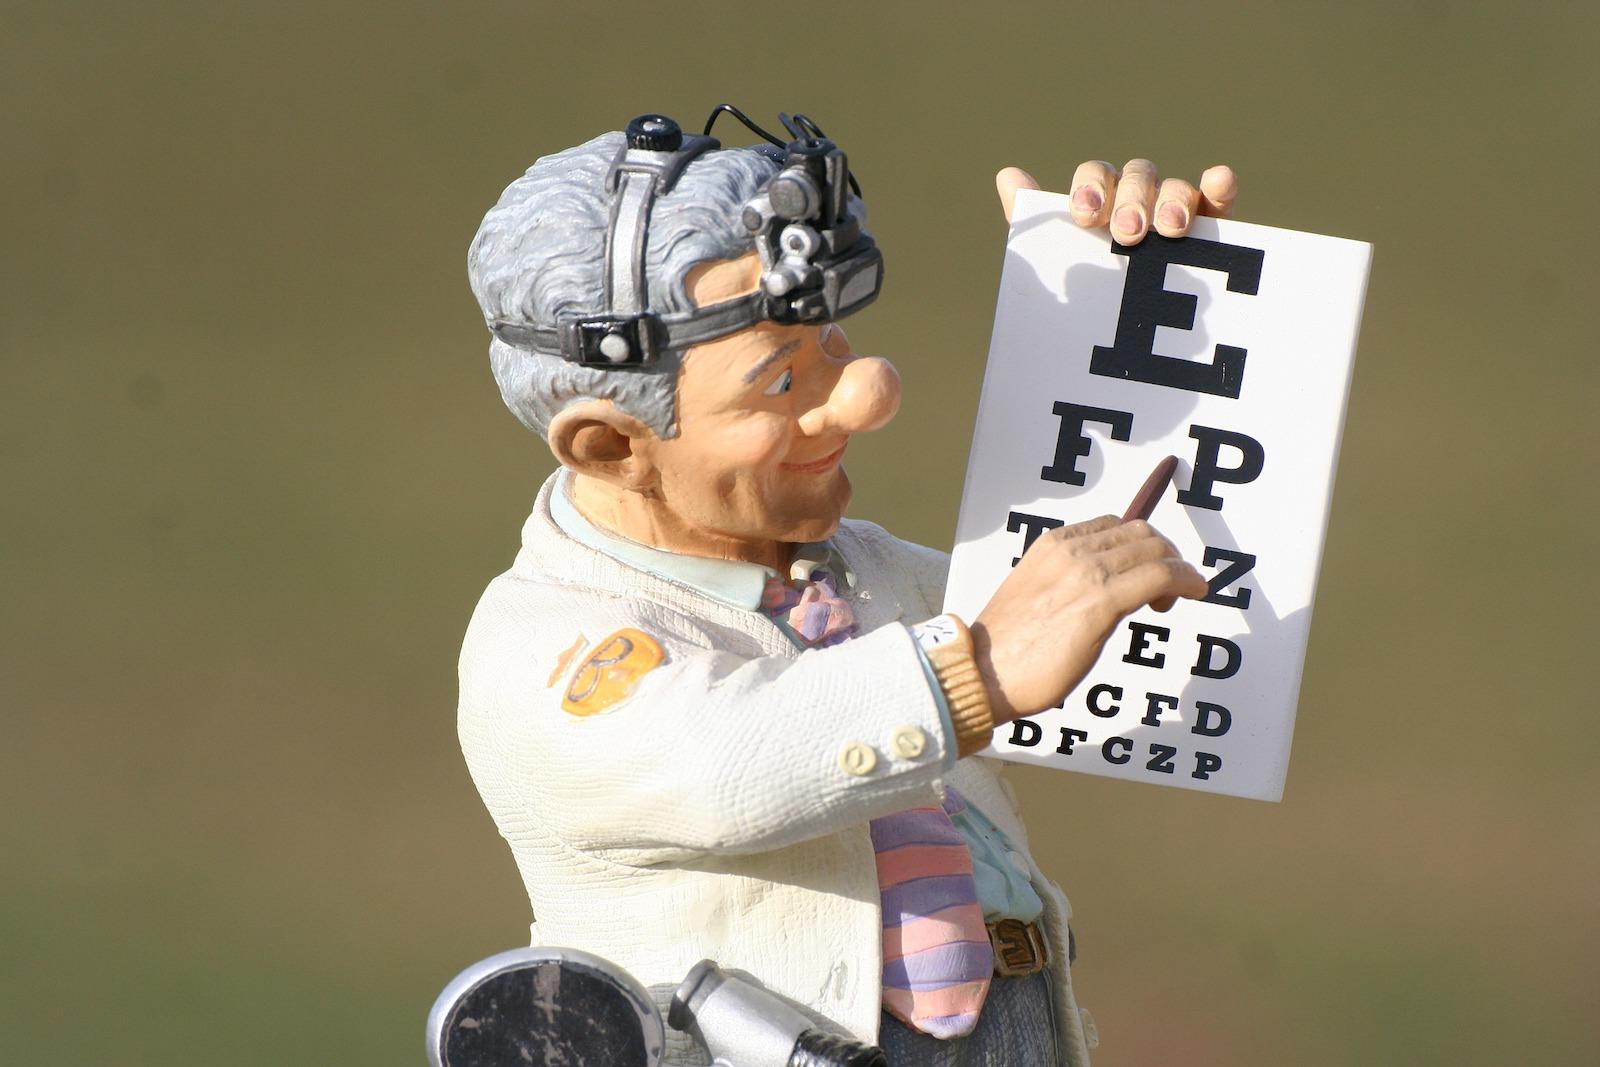 Afecțiuni ale ochilor care apar odată cu înaintarea în vârstă